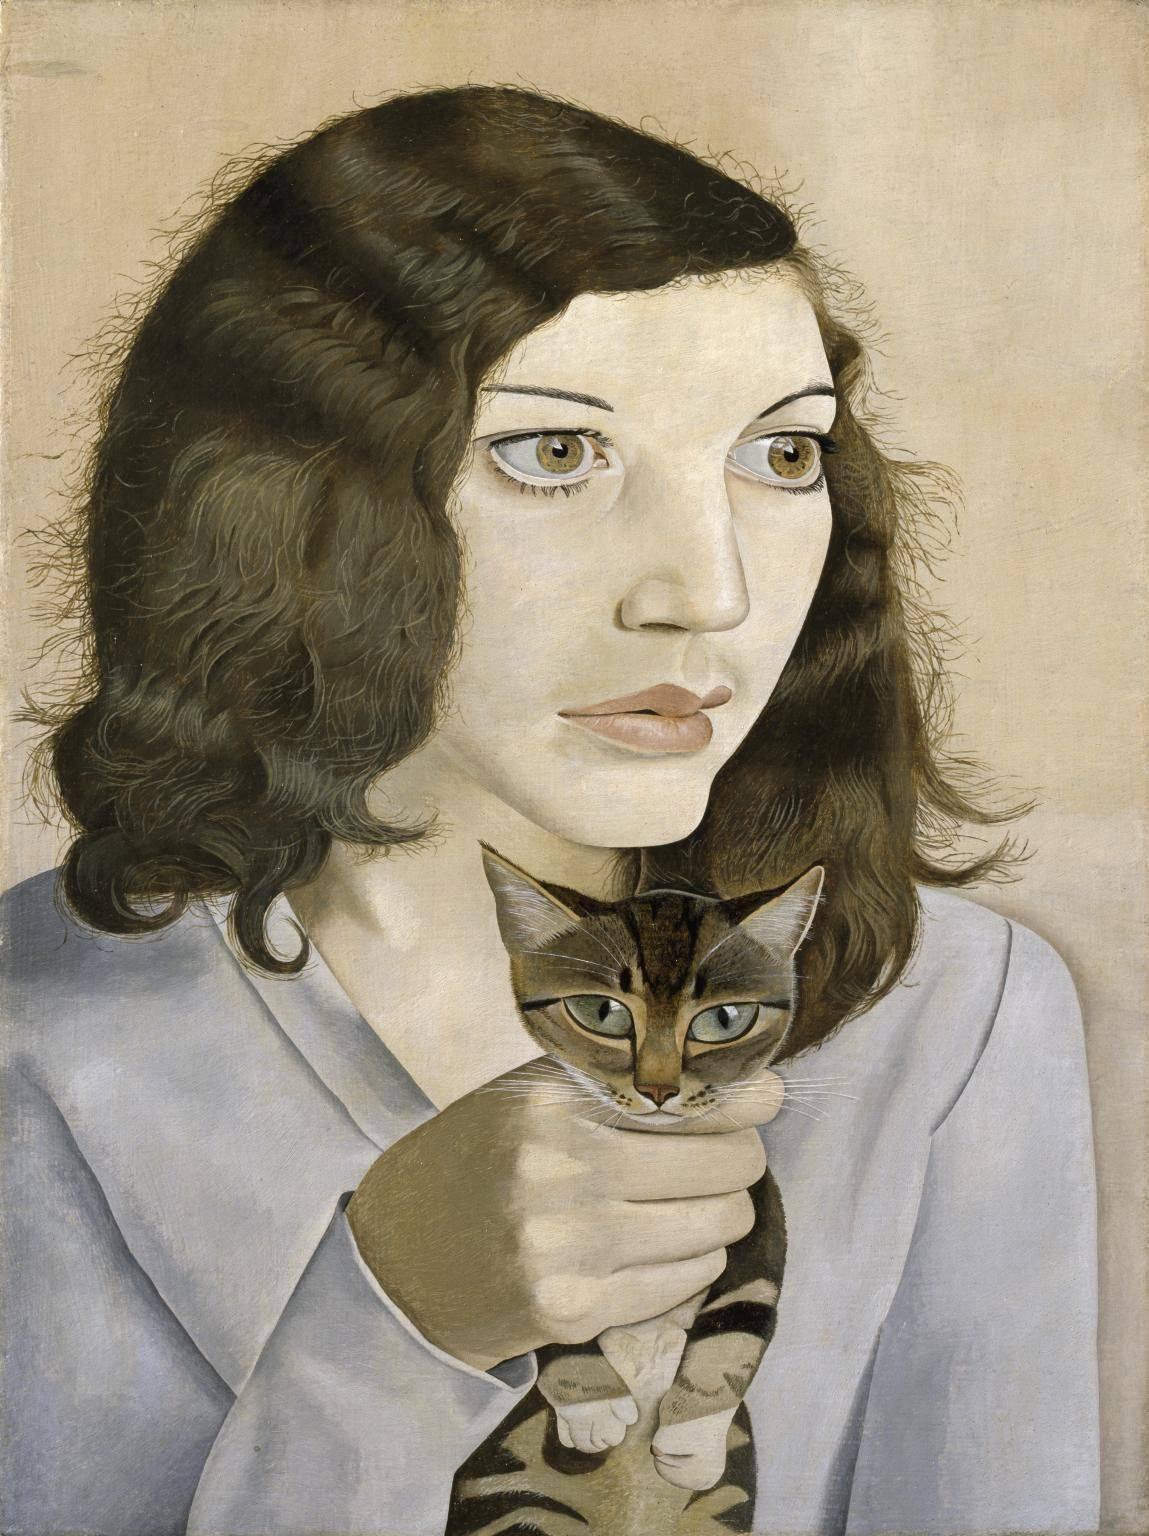 Люсьен Фрейд. Девушка с котенком, 1947. Масло, Холст. Галерея Тейт